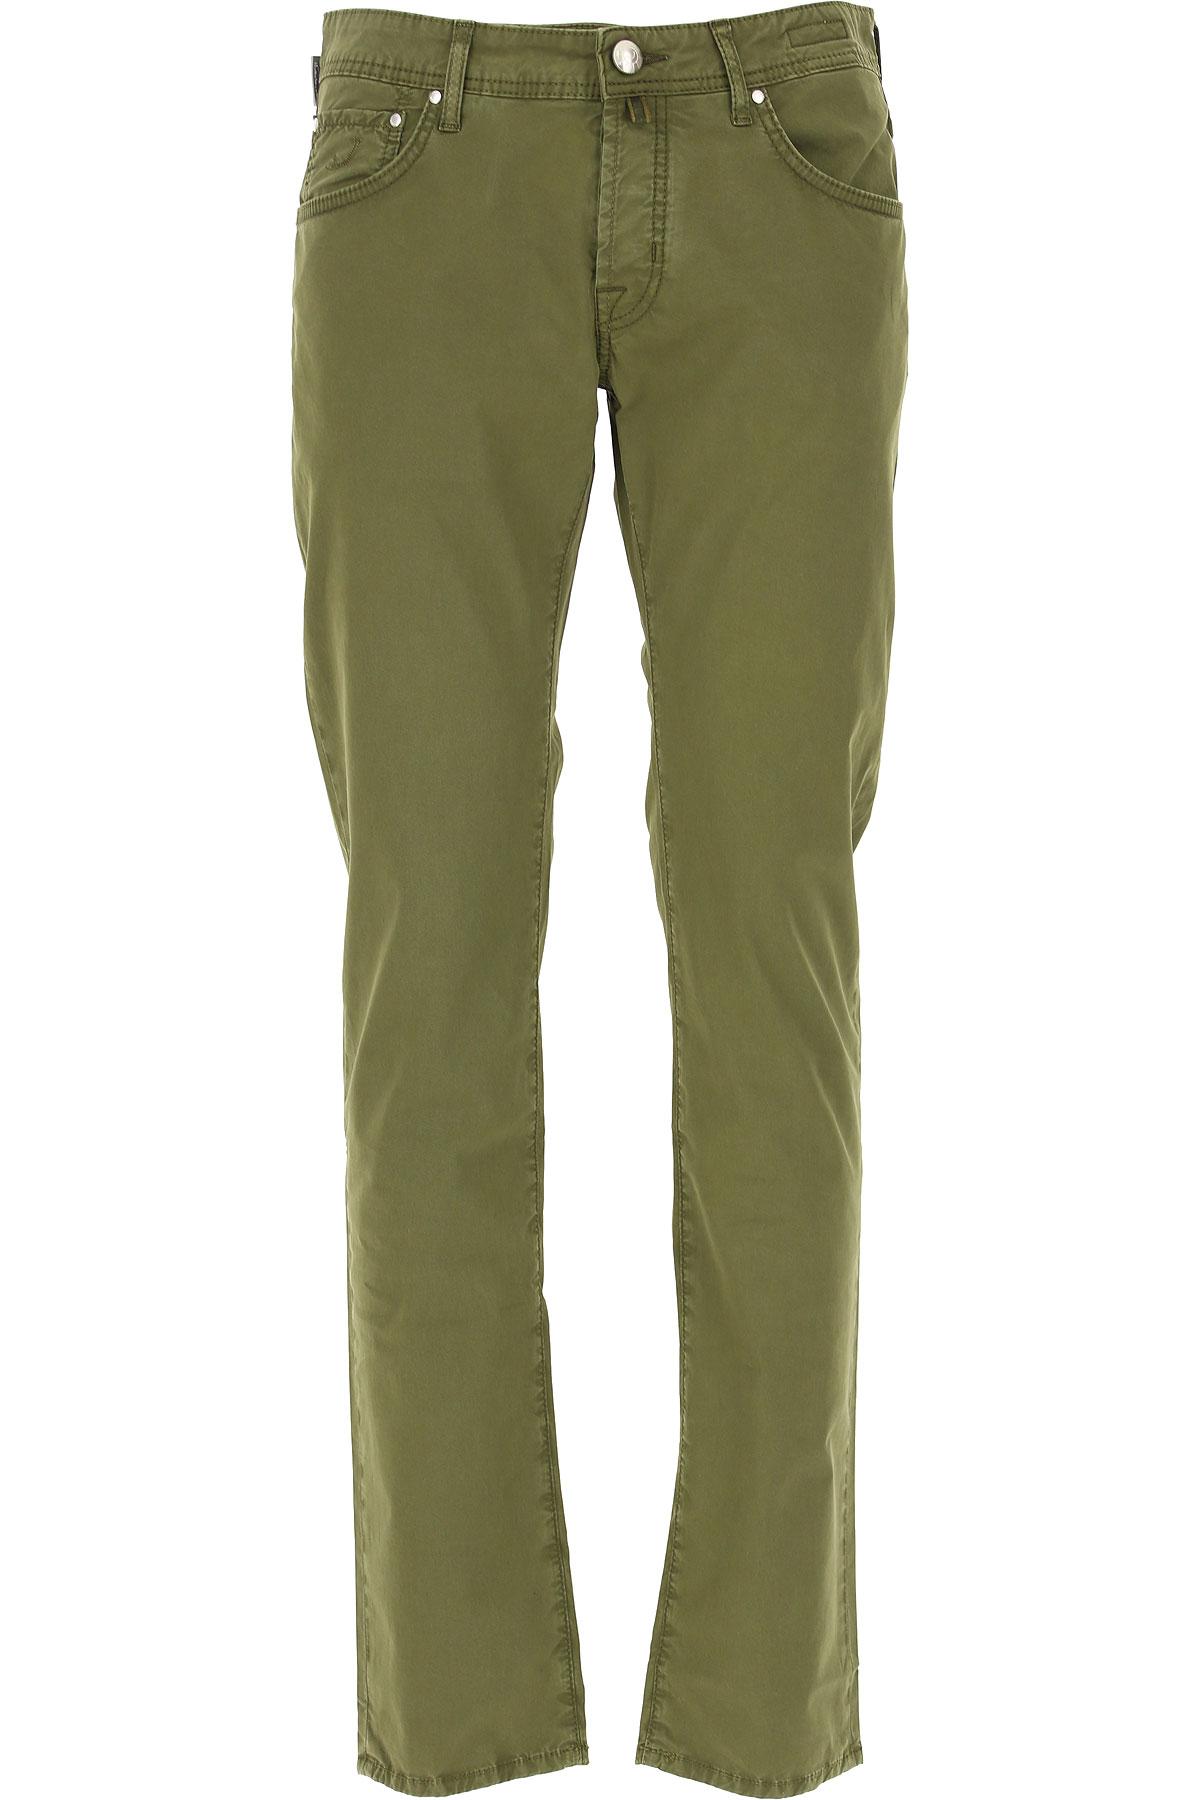 Jacob Cohen Pantalon Homme Pas Cher En Soldes, Vert Olive, Coton, 2019, 46 51 52 54